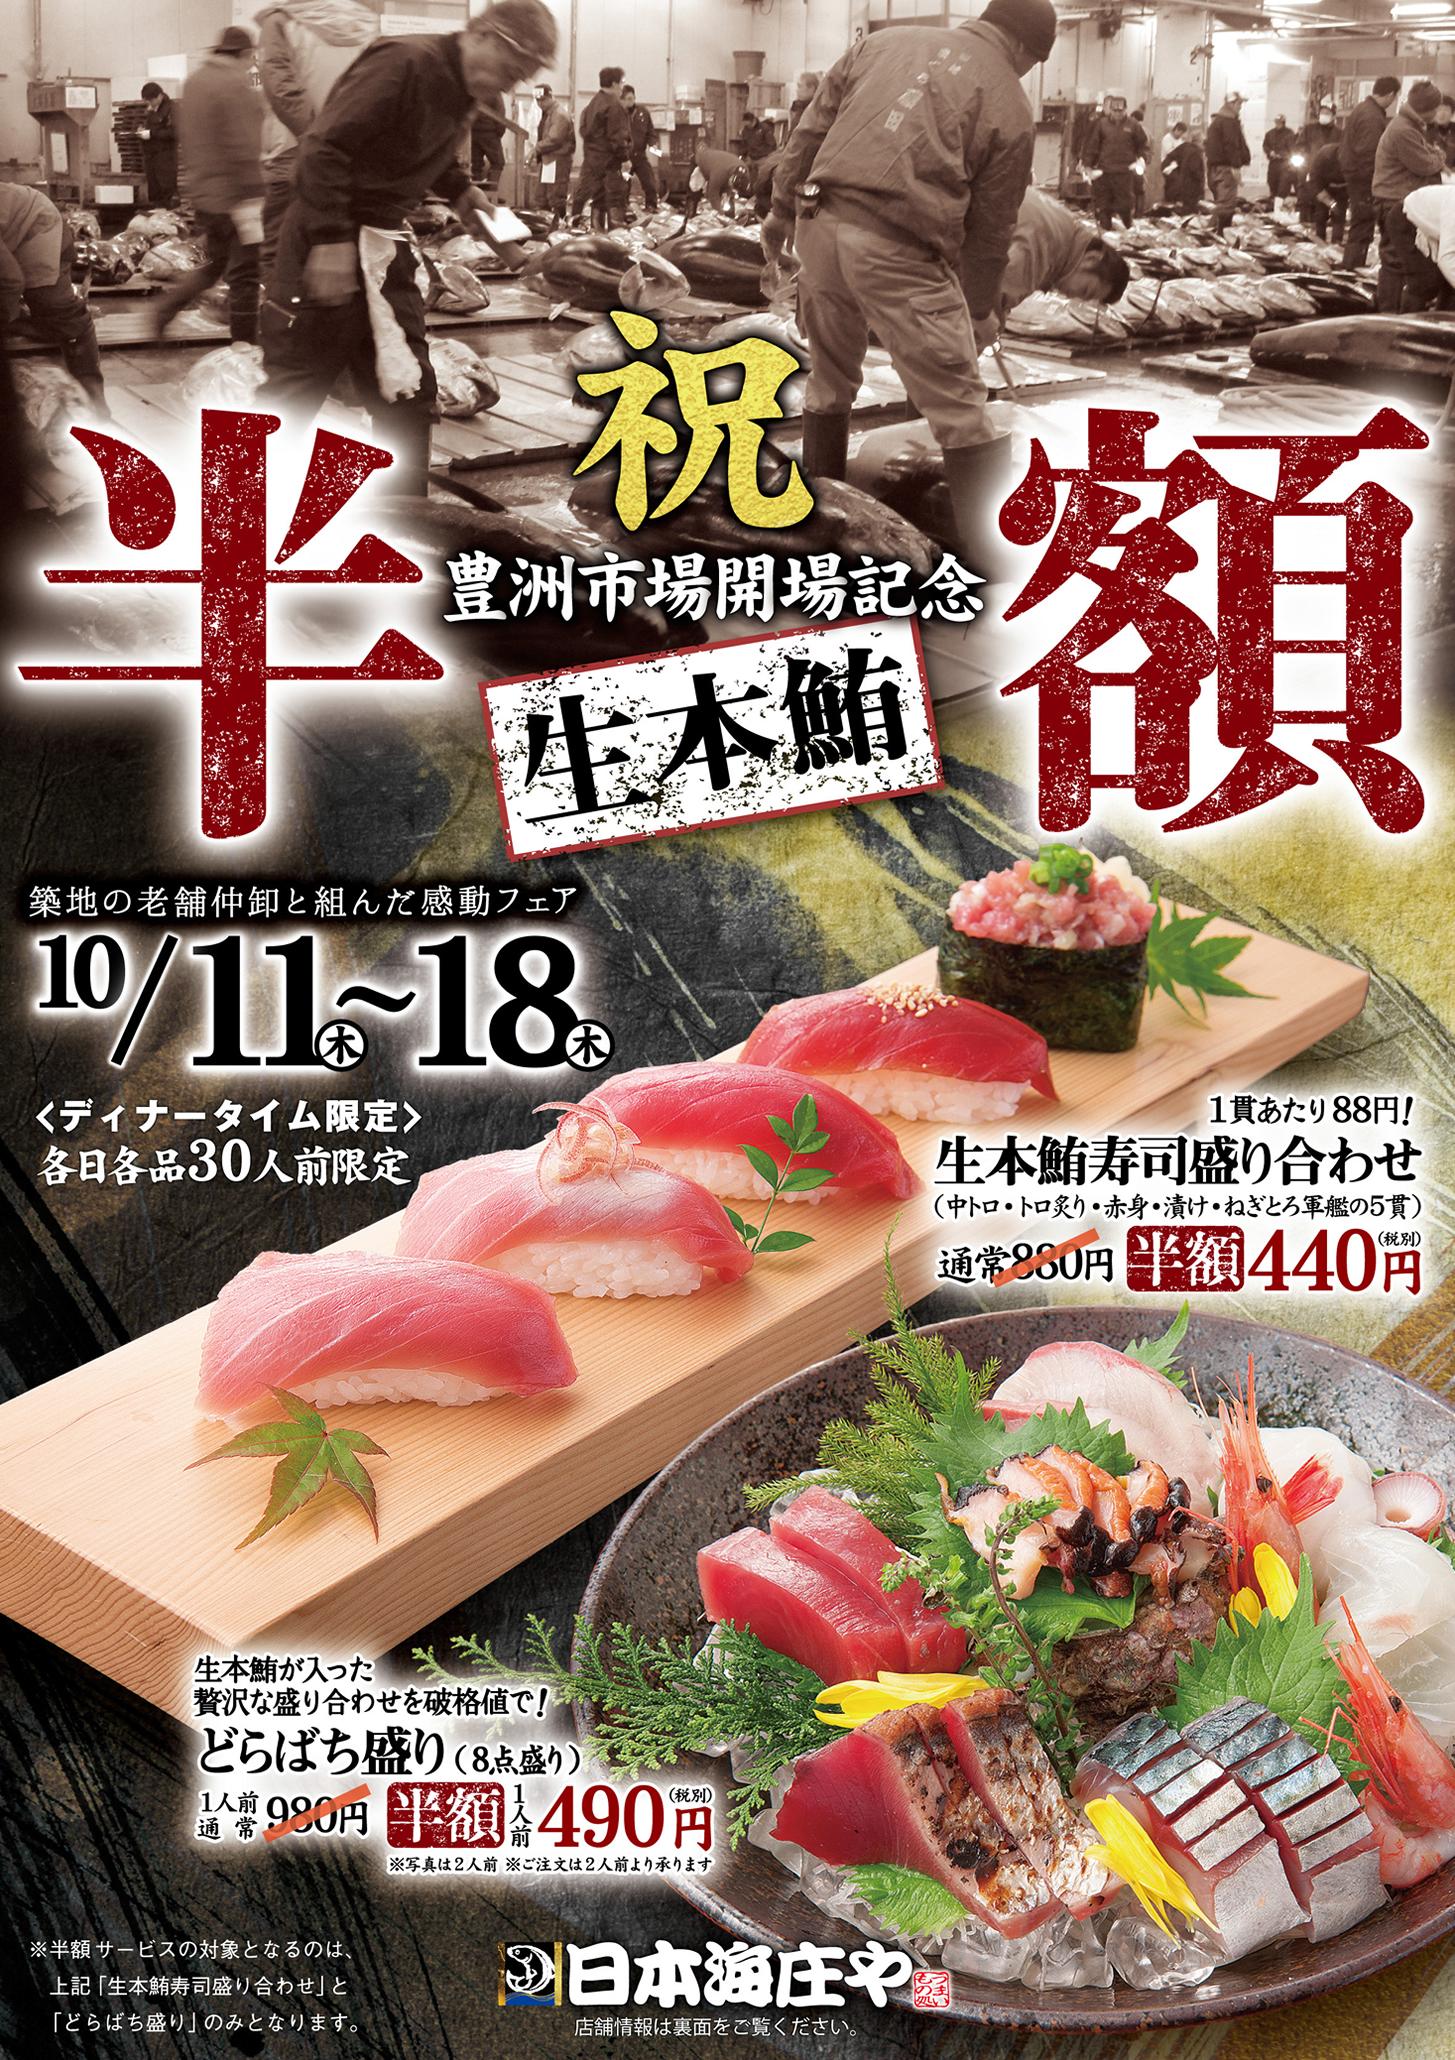 【日本海庄や】豊洲市場開場記念